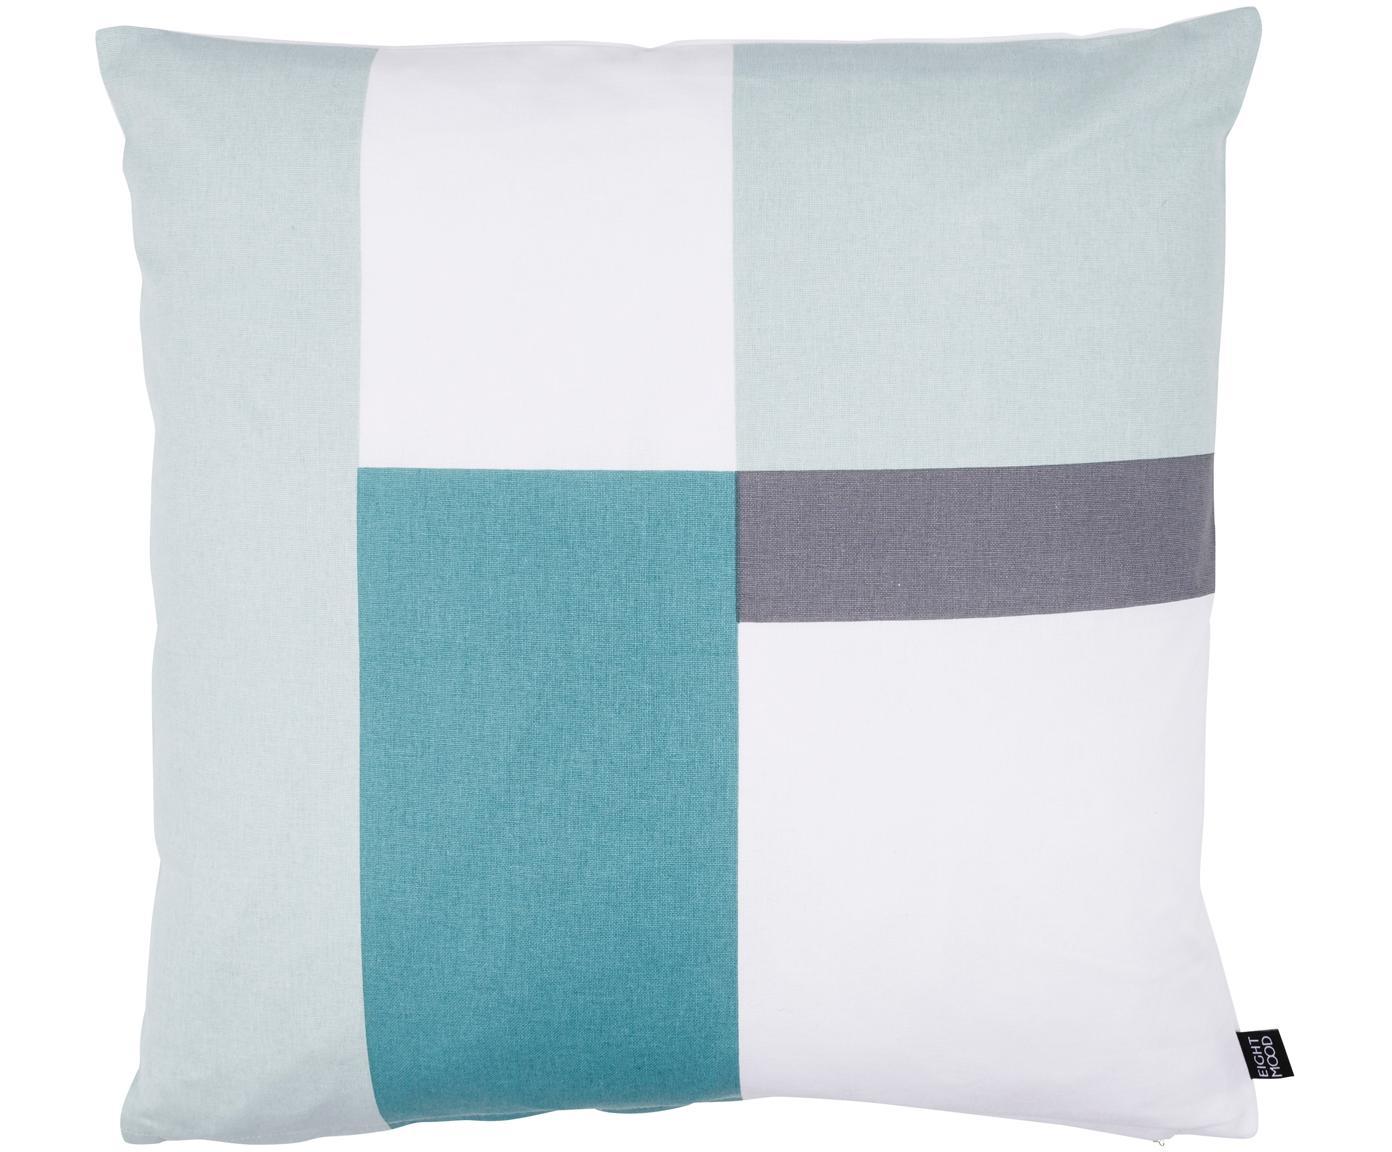 Cuscino reversibile Cubo, Rivestimento: cotone, Toni verde menta, bianco, grigio, P 50 x L 50 cm